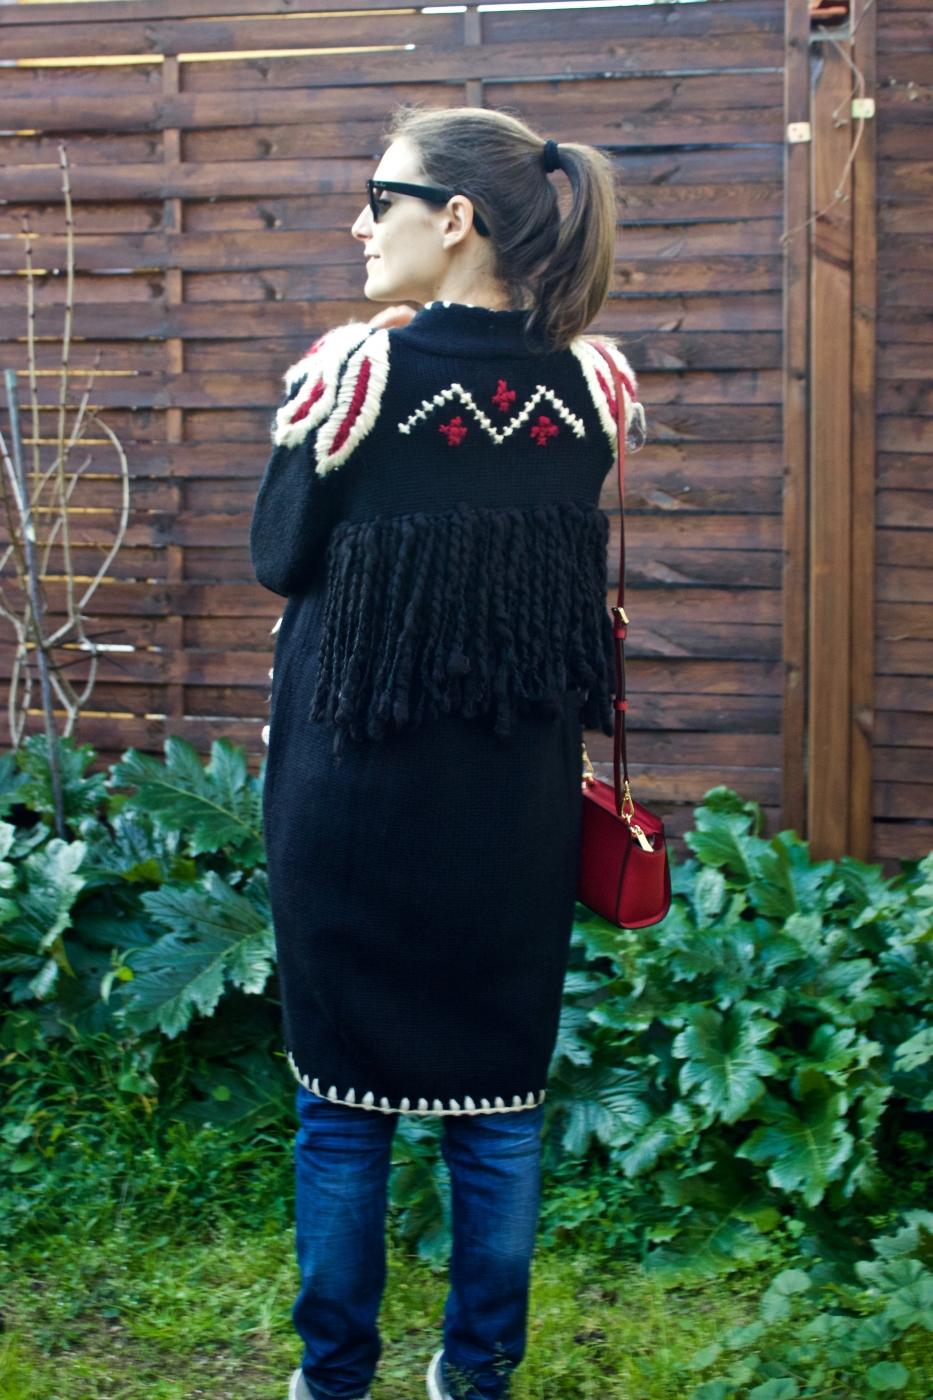 lara-vazquez-madlula-style-streetstyle-look-fashionblog-lookbook